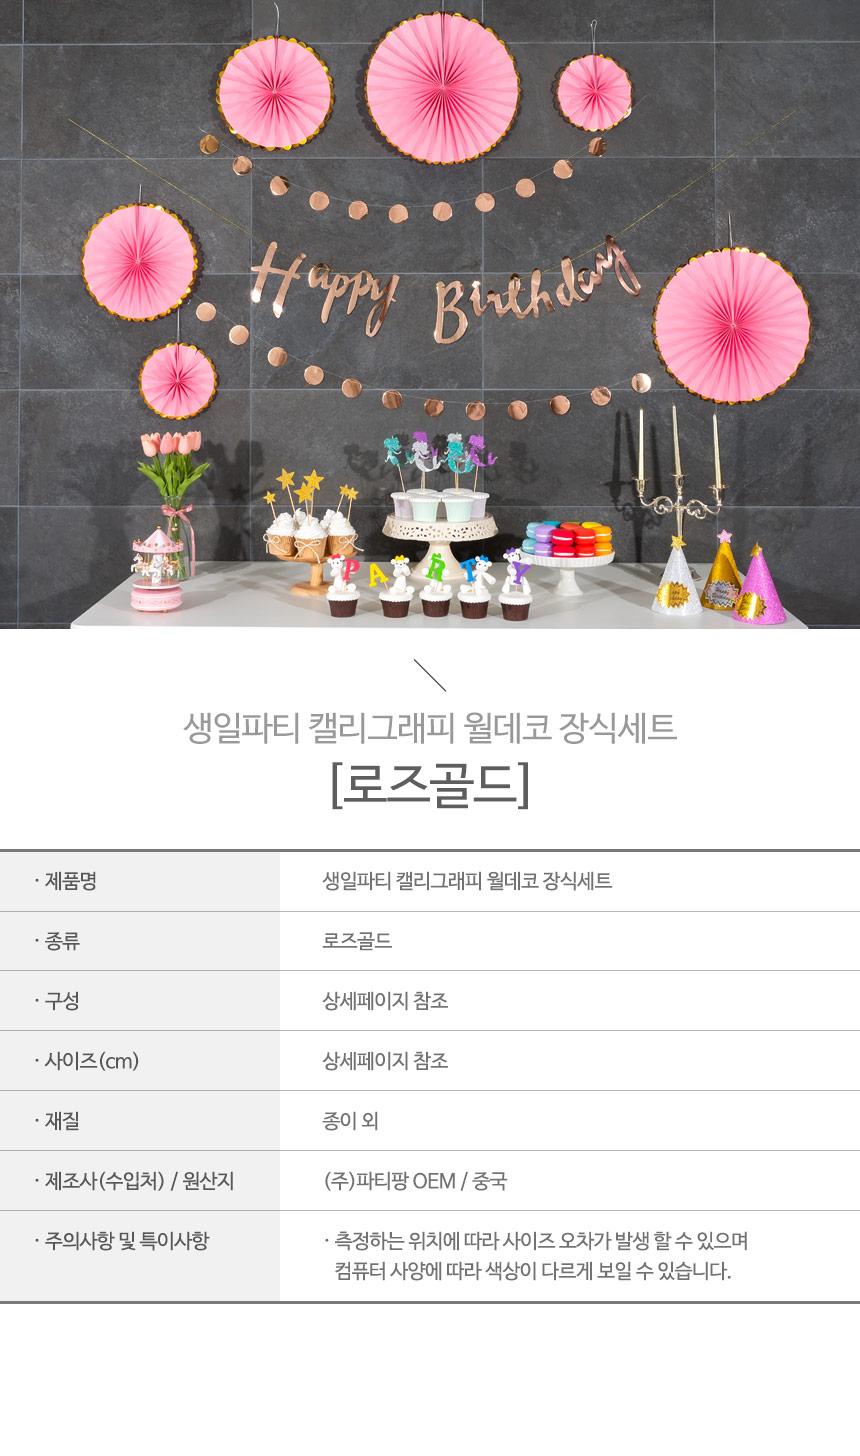 생일파티 캘리그래피 월데코 장식세트 [로즈골드] _partypang - 주식회사 파티팡, 15,000원, 파티용품, 데코/장식용품